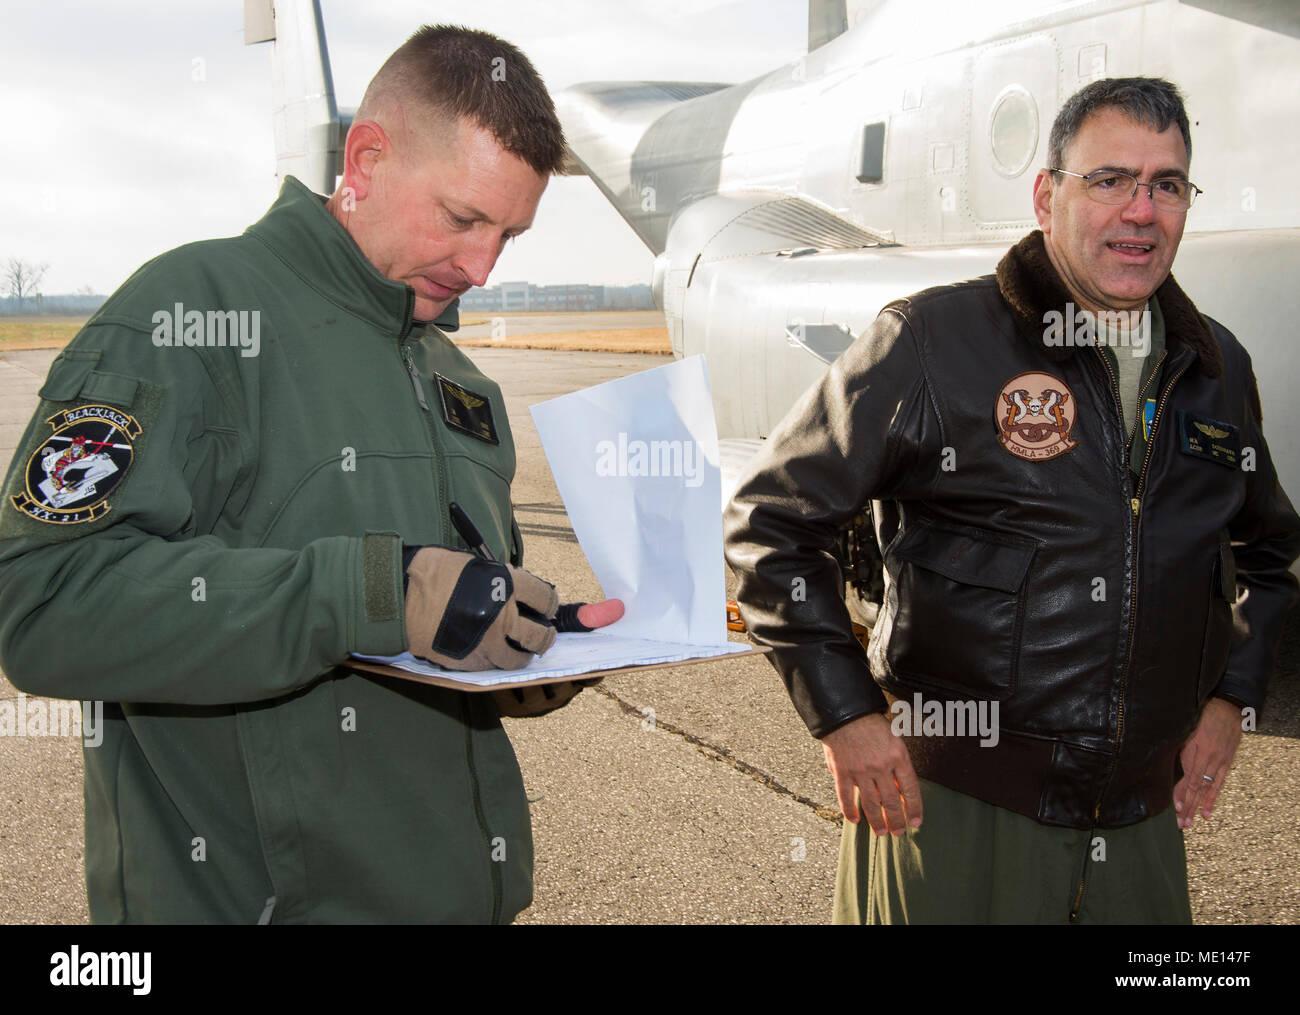 Air Force Officer Saber